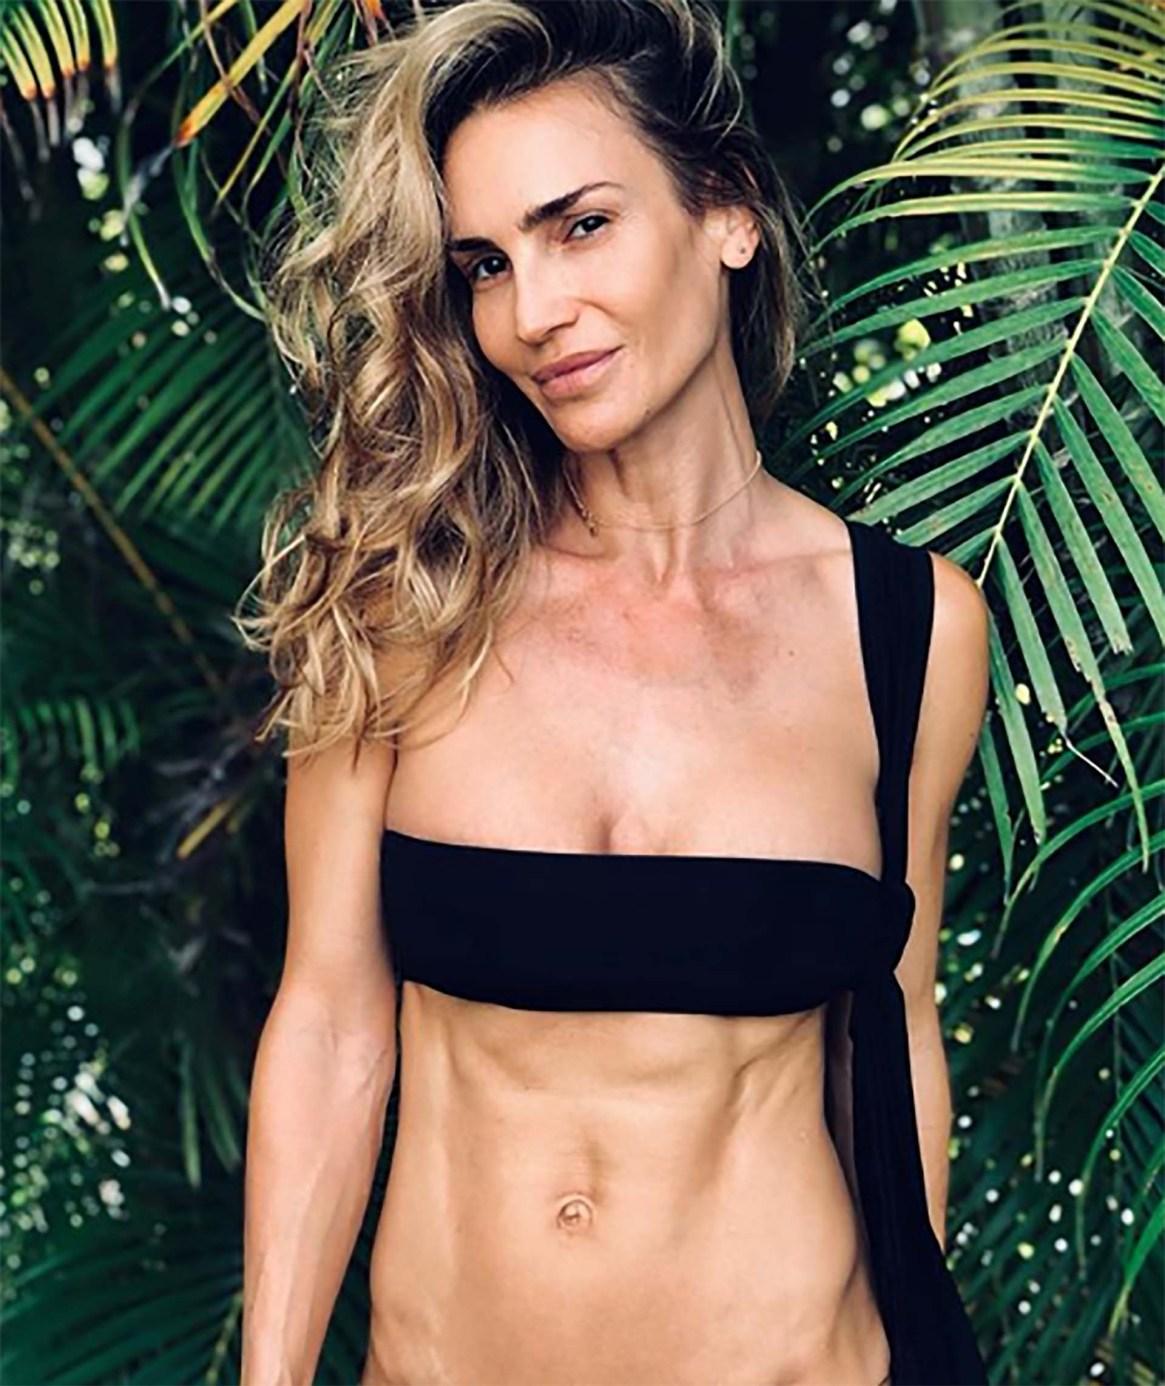 La modelo María Vazquez fue criticada en Instagram por subir una foto de bikini